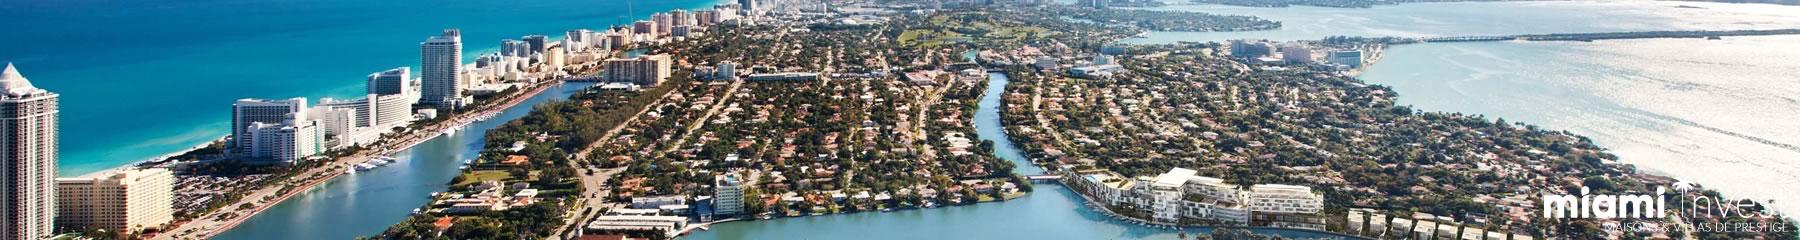 Maison & villas de prestige de Miami